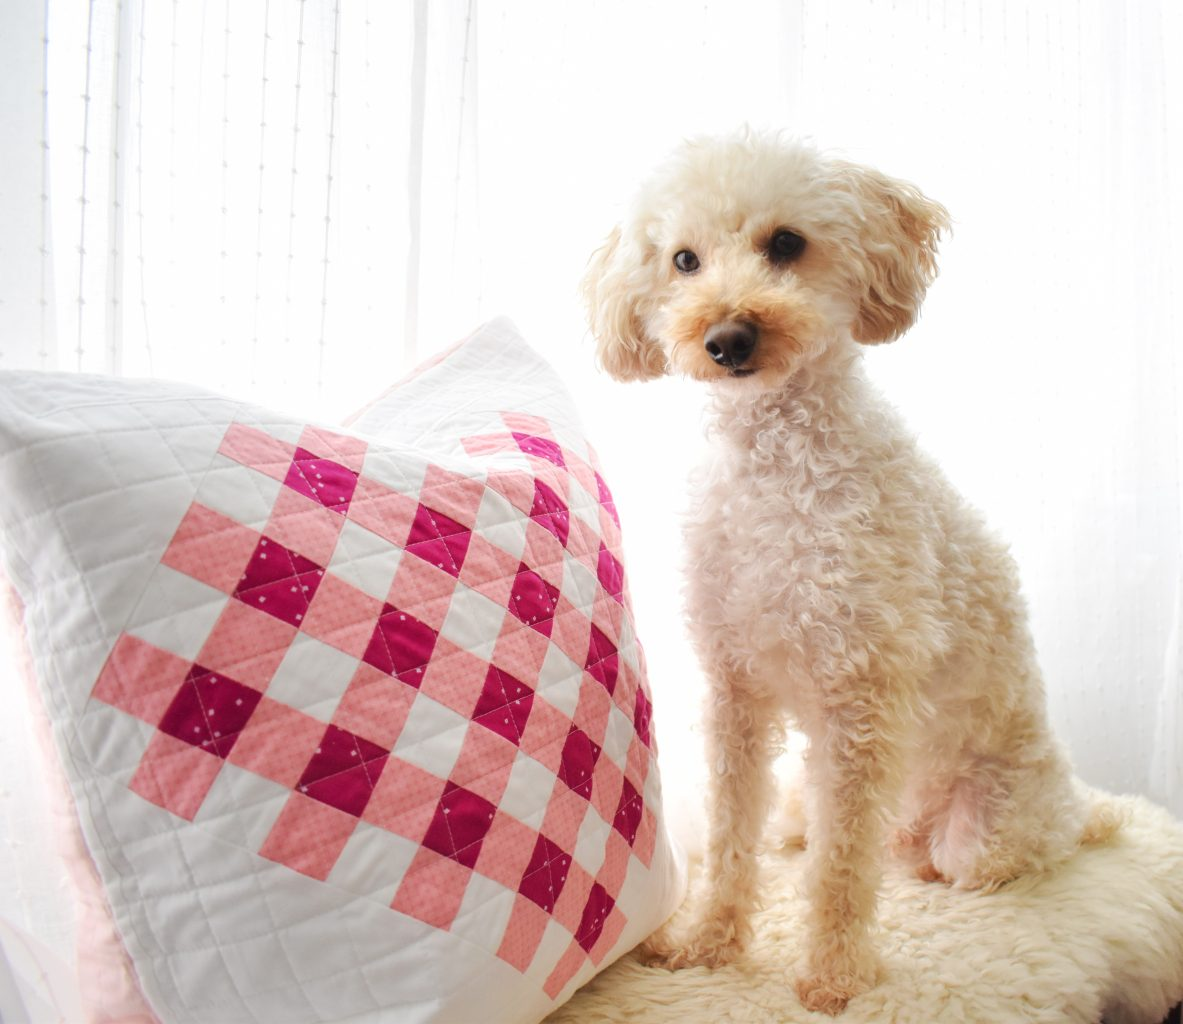 Woven Hearts modern heart quilt pillow pattern